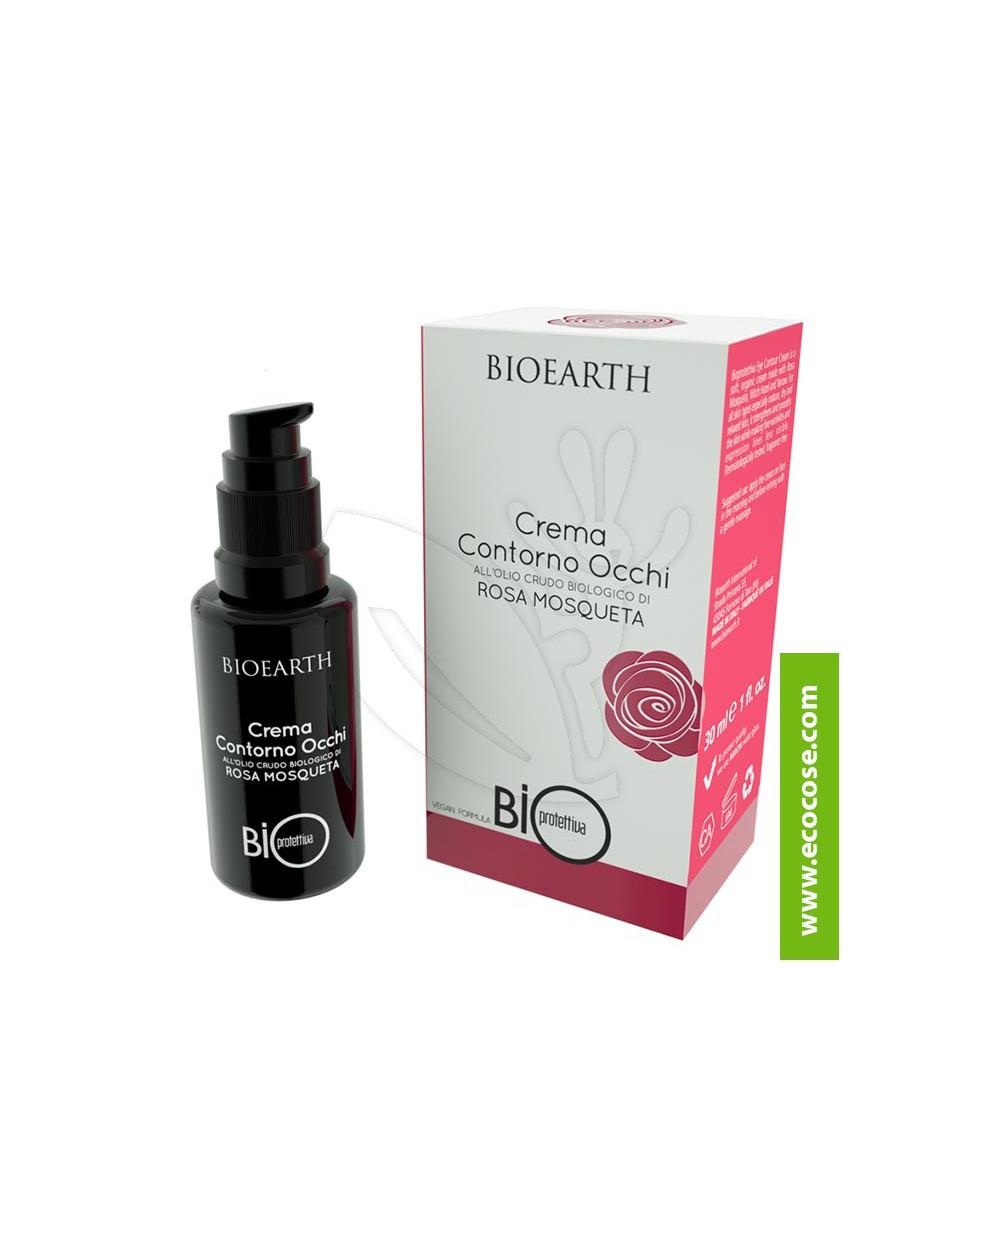 Bioearth - Bioprotettiva- Crema Contorno occhi all'olio crudo di Rosa Mosqueta Bio